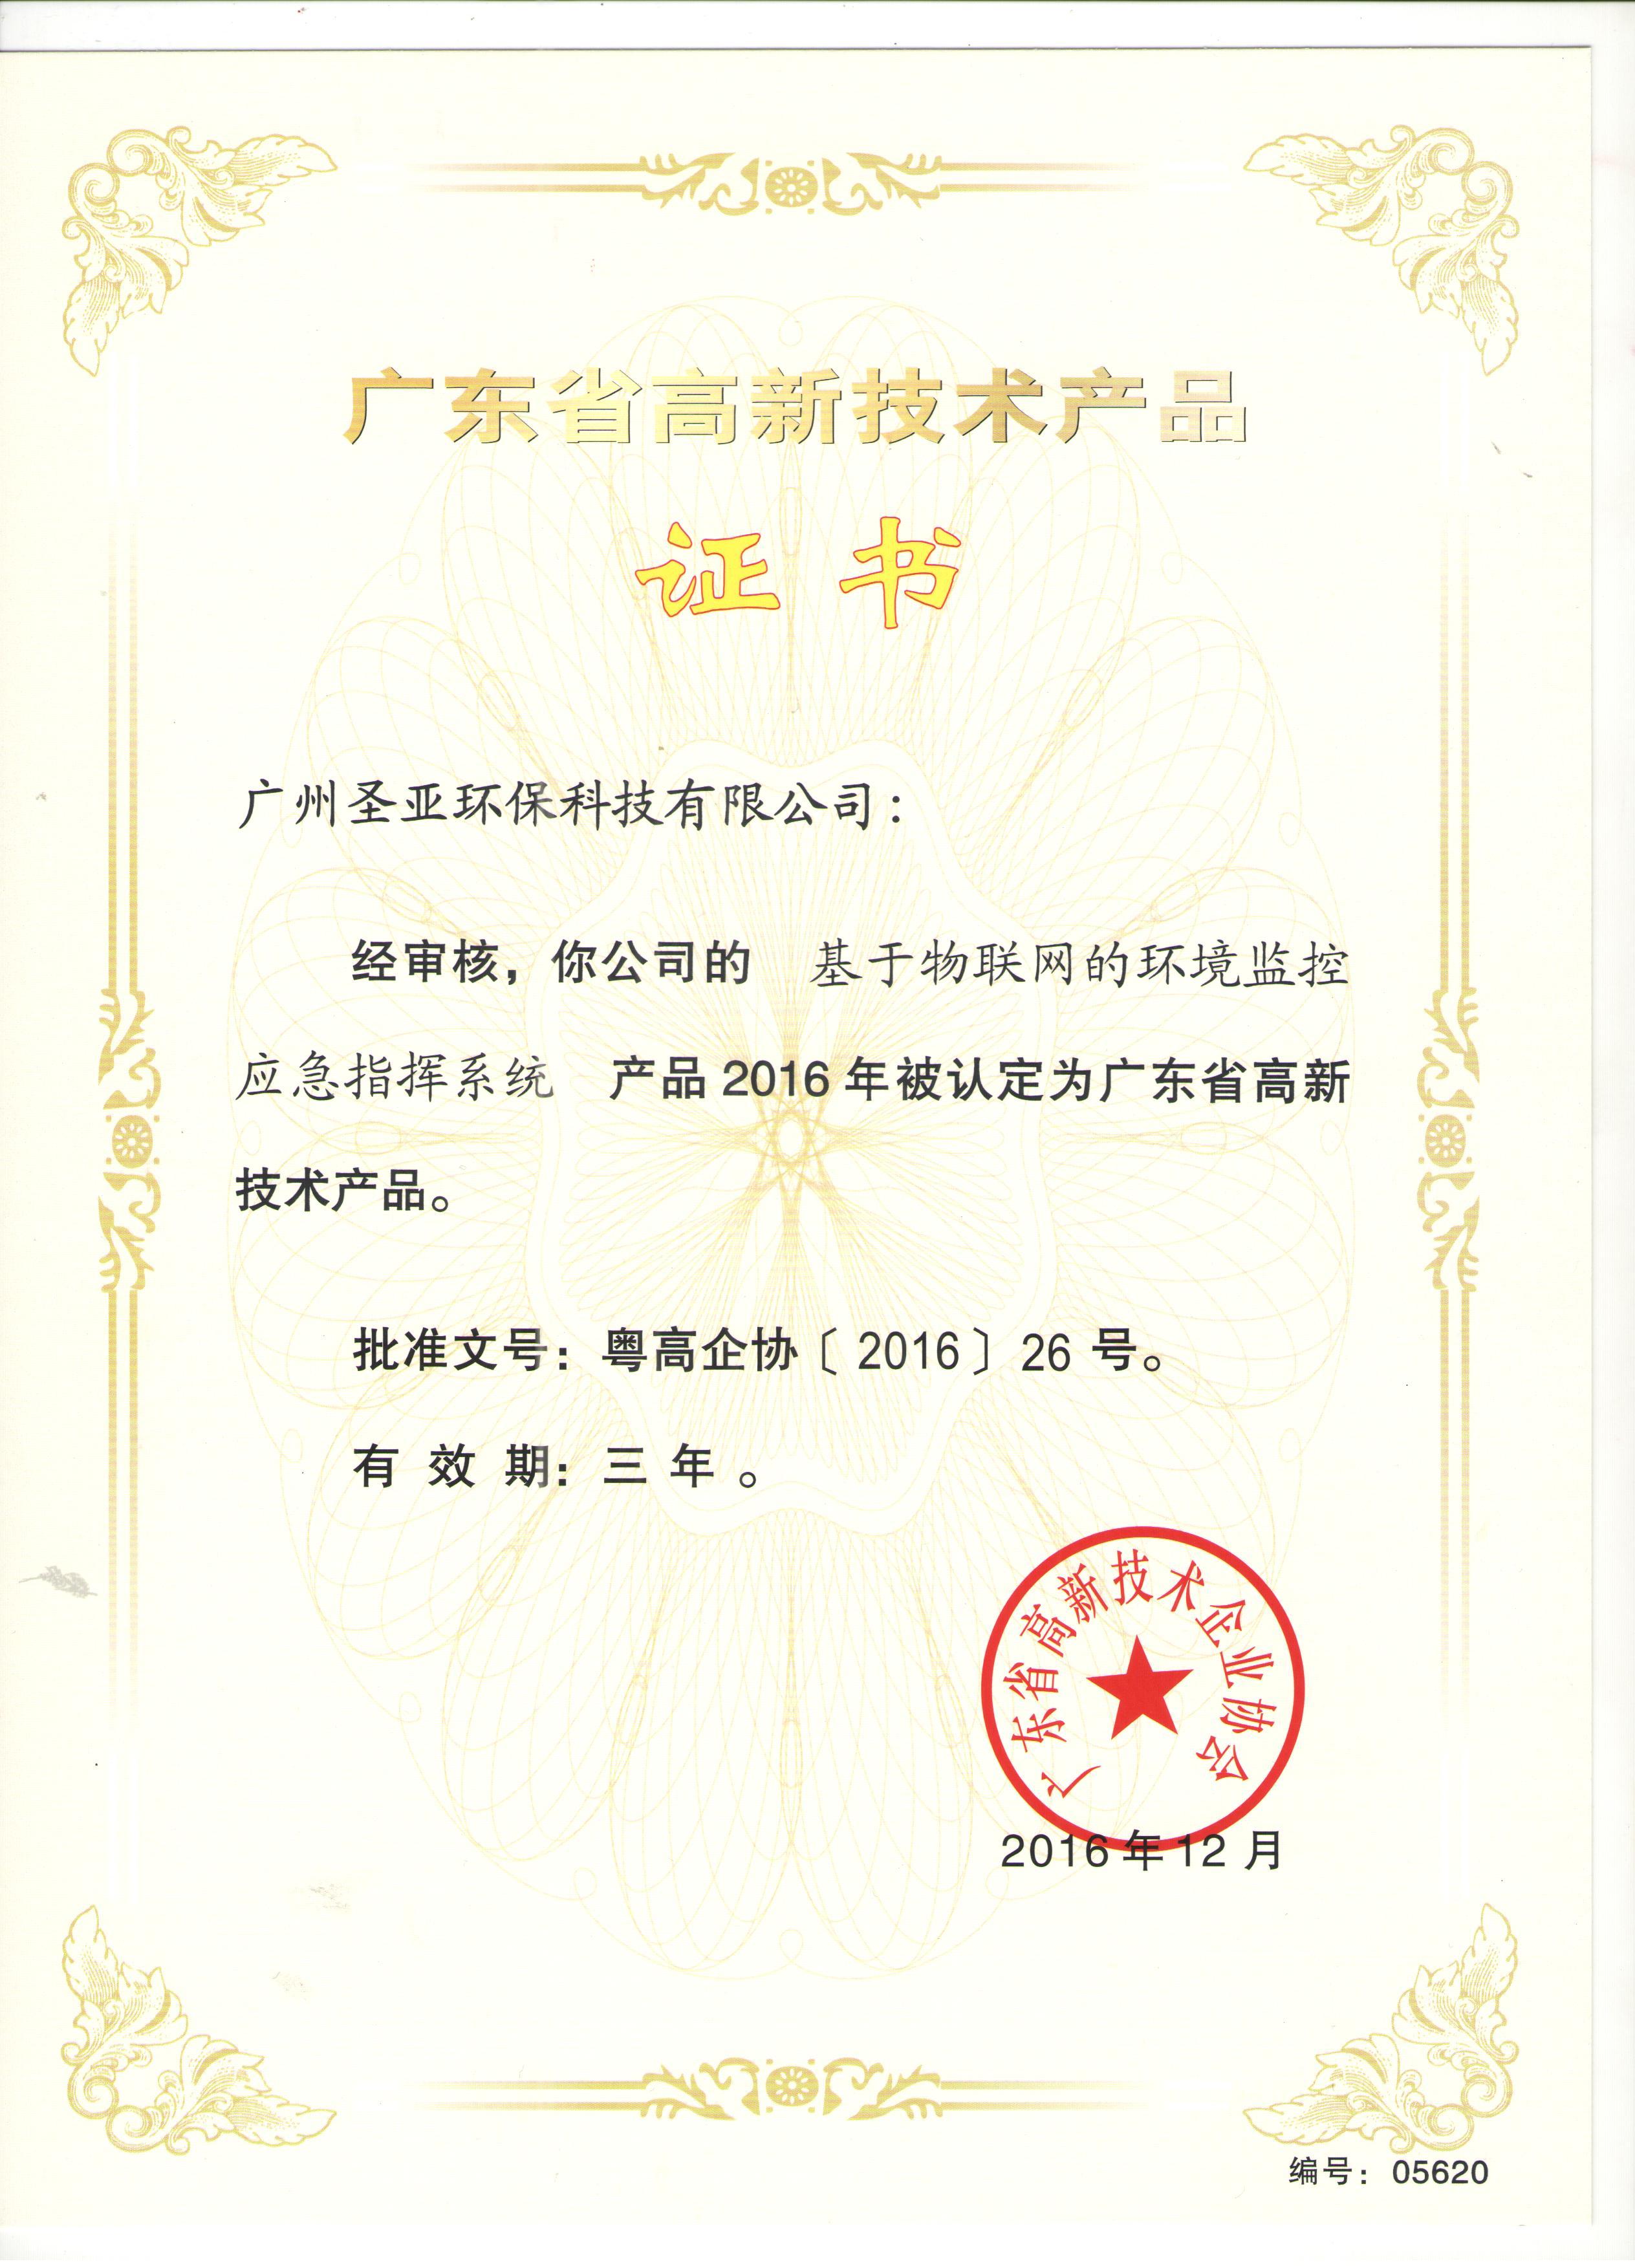 高新产品证书(圣亚环保05620基于物联网的环境监控应急指挥系统)1.jpg